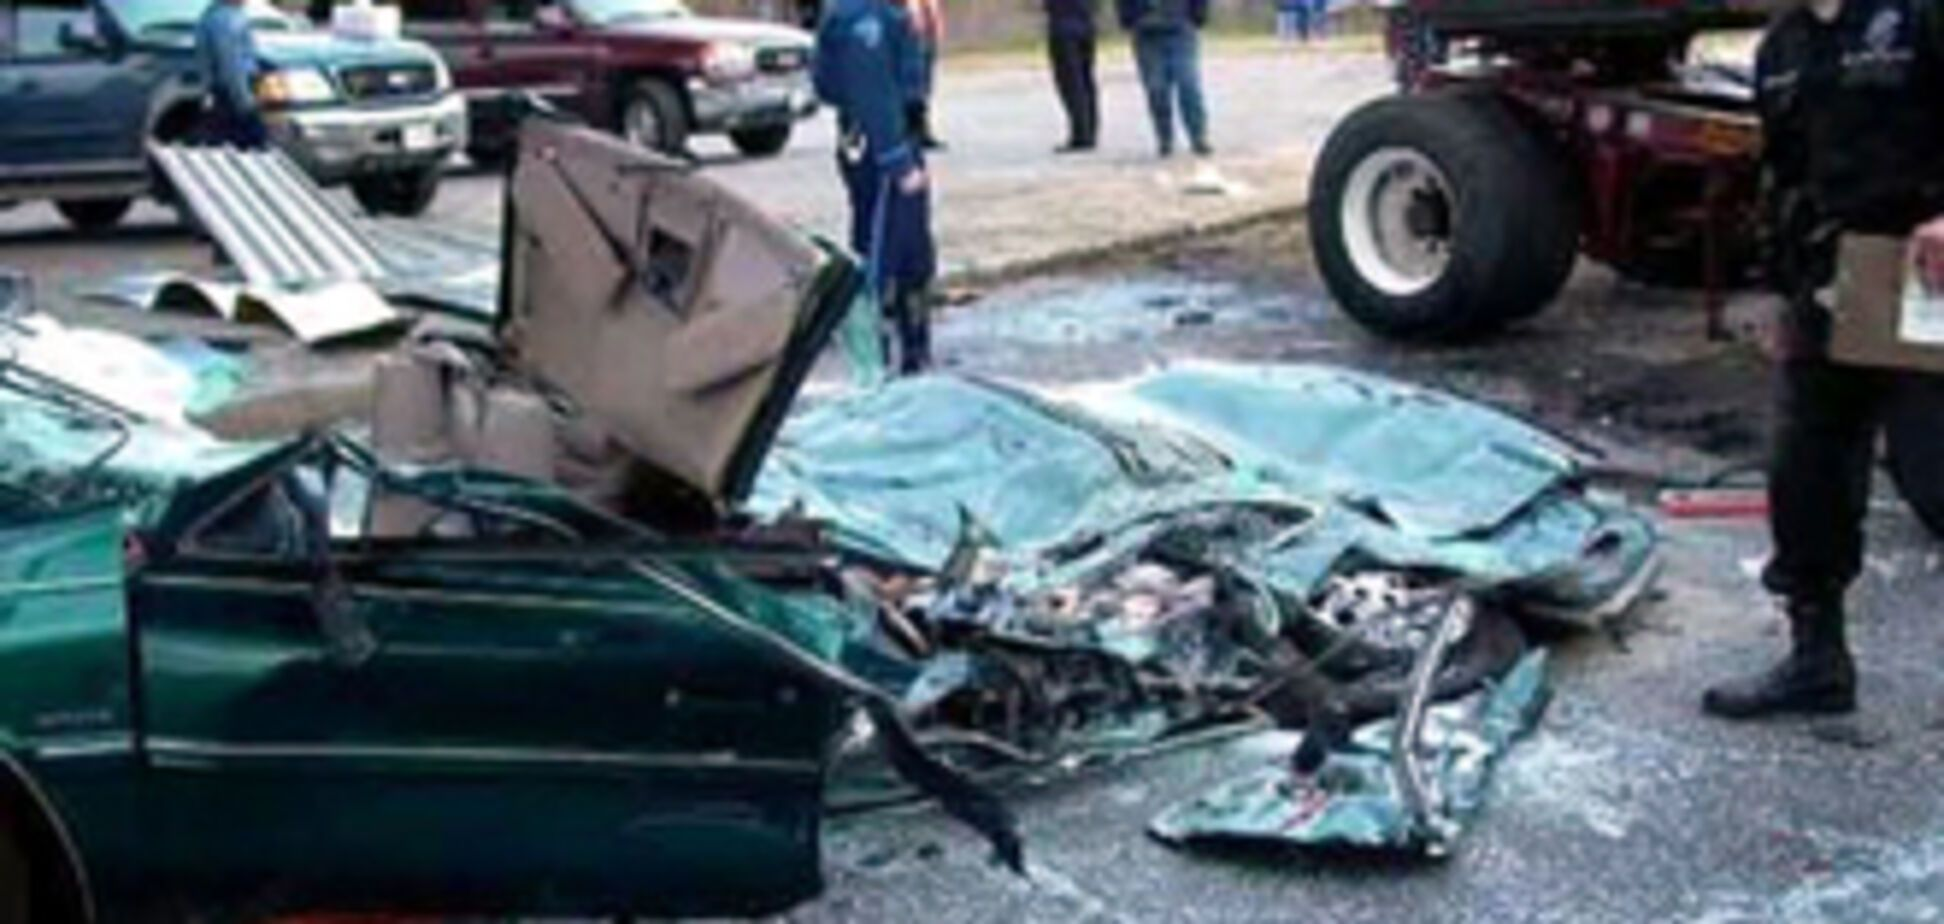 В ДТП погибли 5 человек, 2 детей пострадали